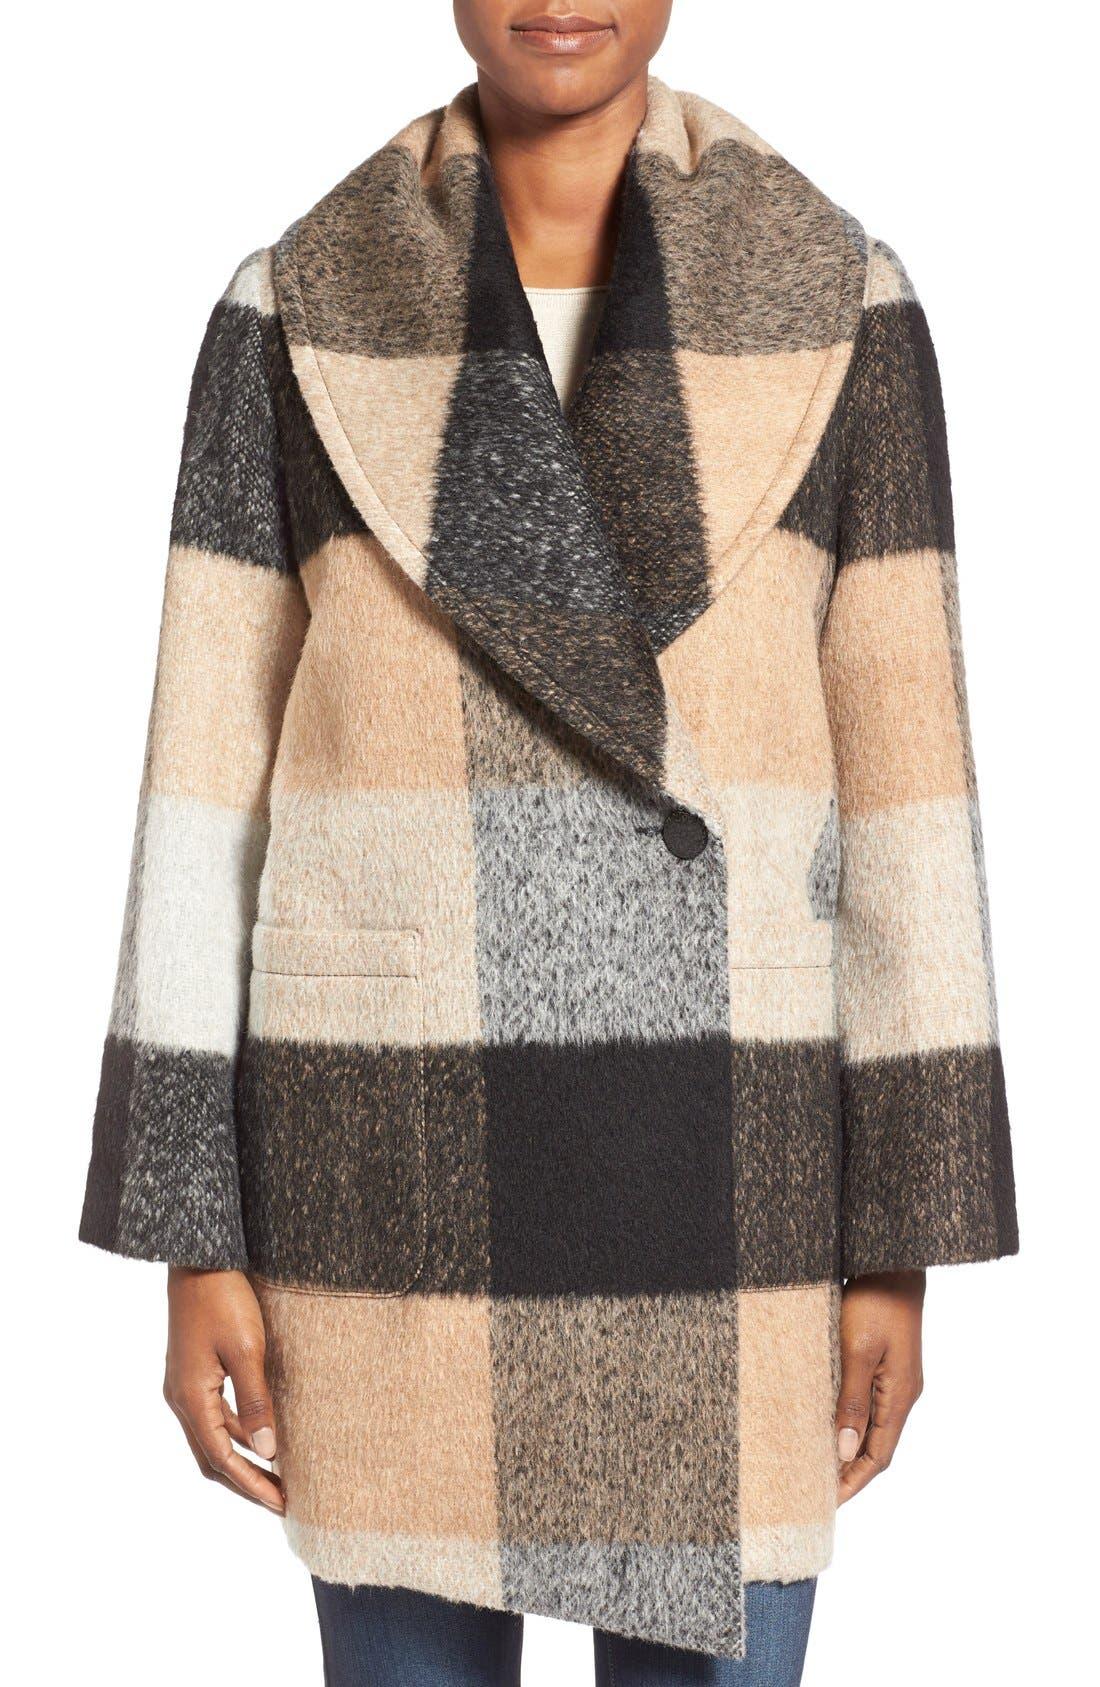 Alternate Image 1 Selected - BadgleyMischka'Maxine' Plaid Oversize Coat